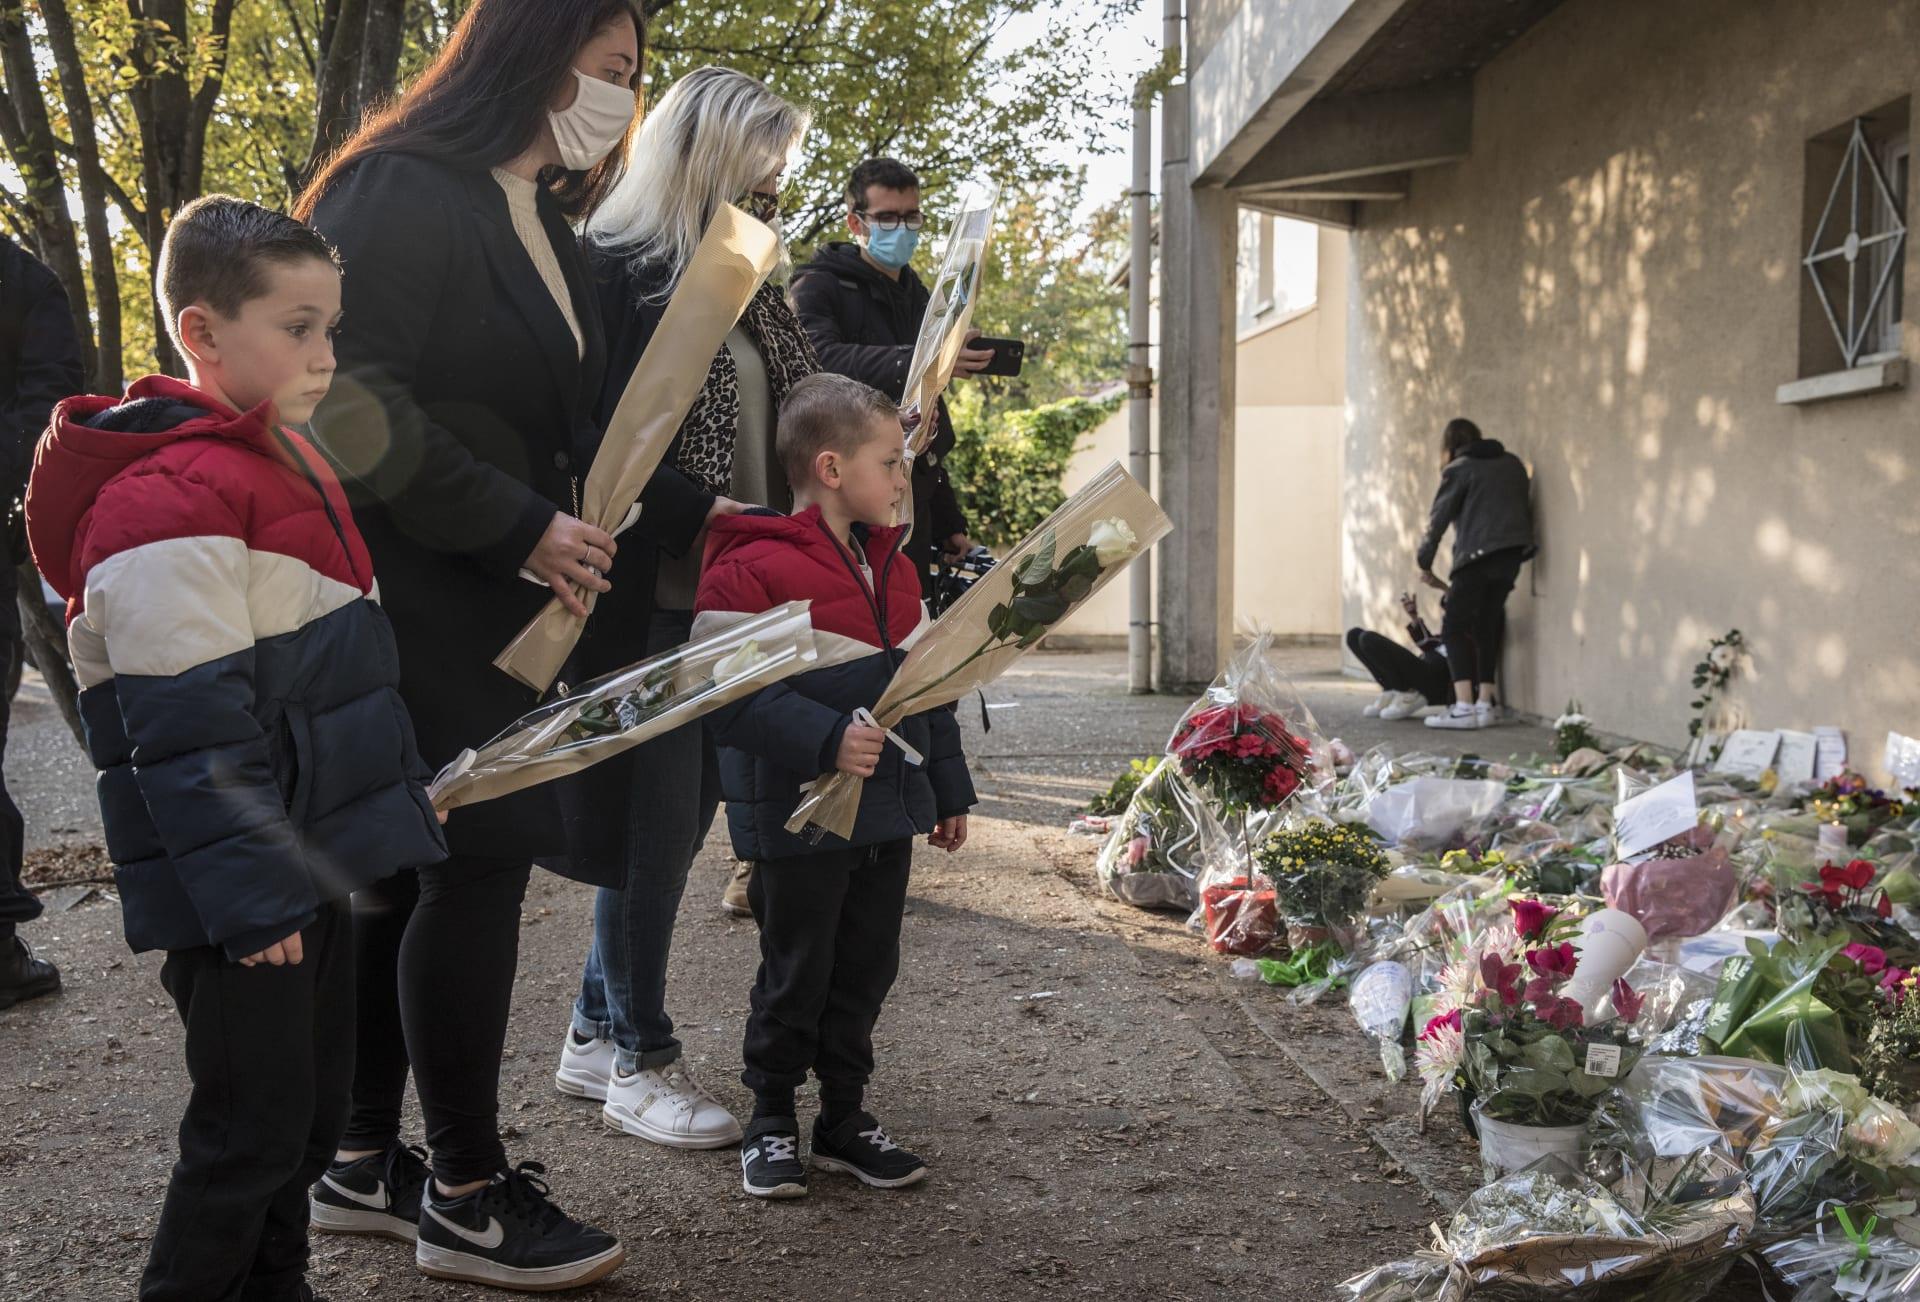 مفاجأة.. منفذ هجوم باريس طلب من التلاميذ الإشارة إلى المعلم الضحية